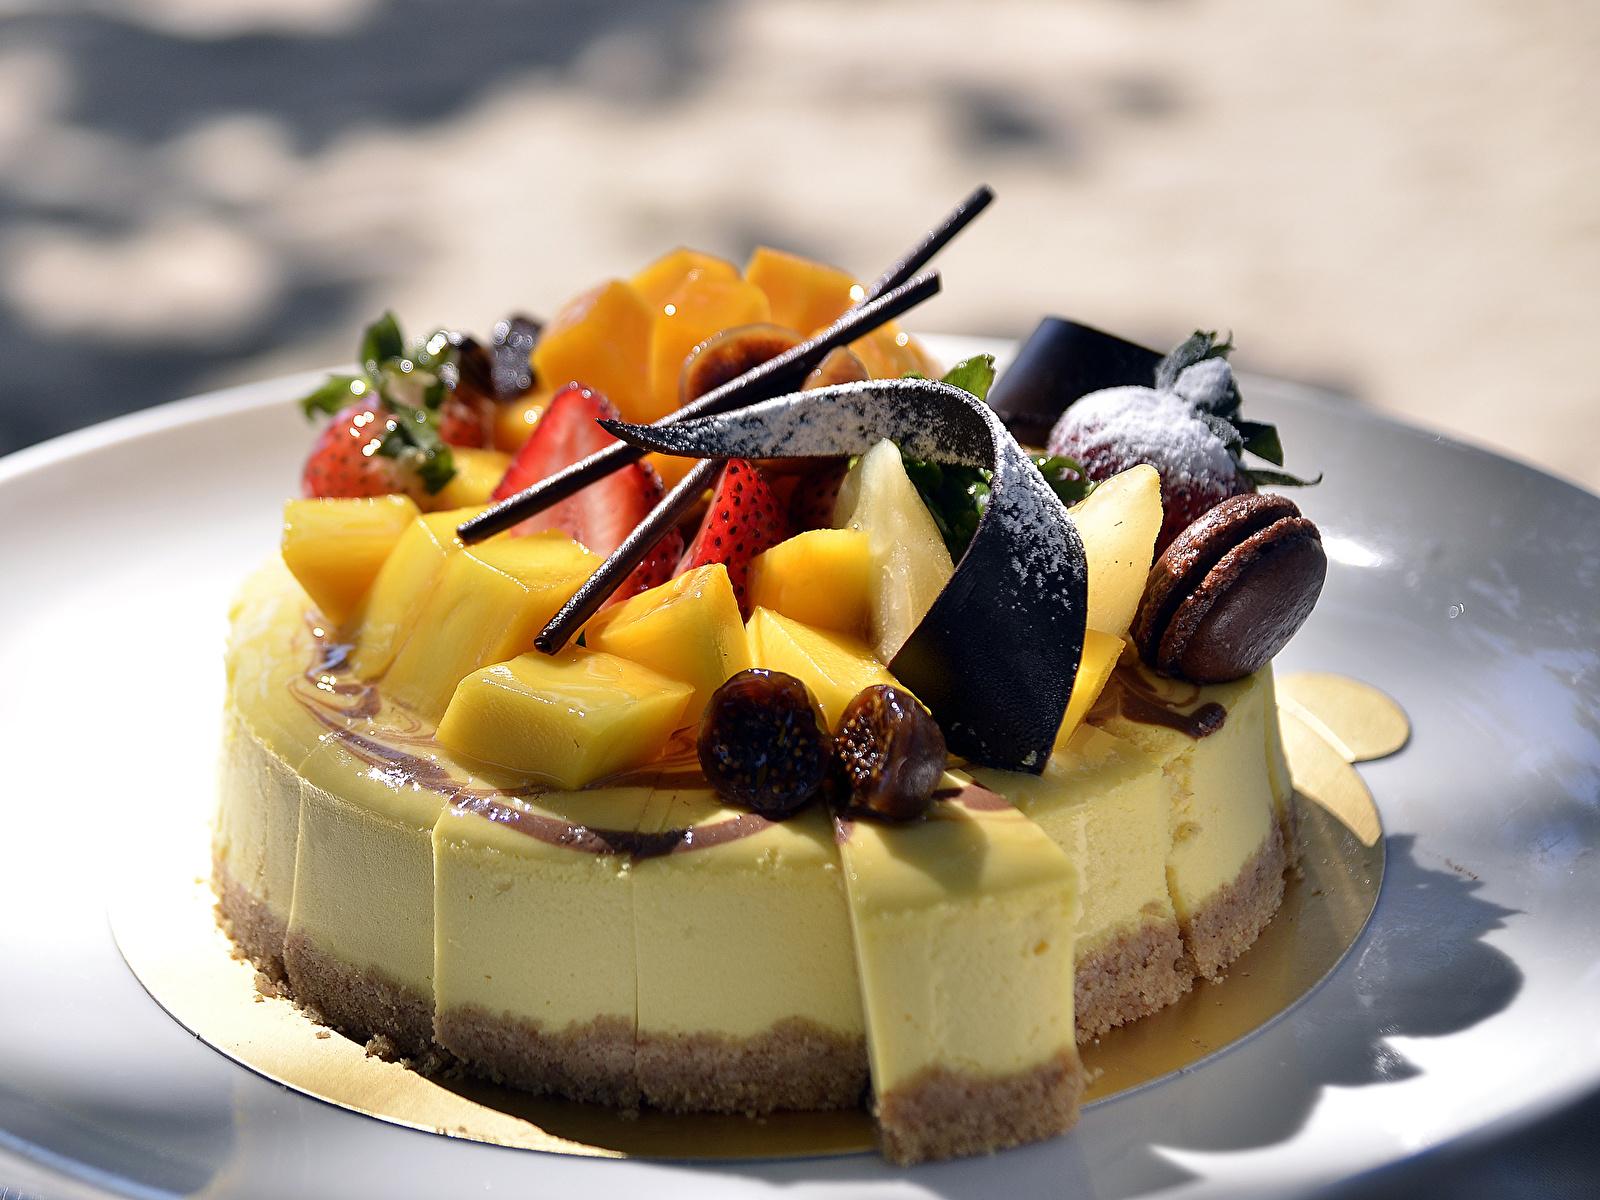 Картинка Шоколад Торты Фрукты Продукты питания Сладости 1600x1200 Еда Пища сладкая еда